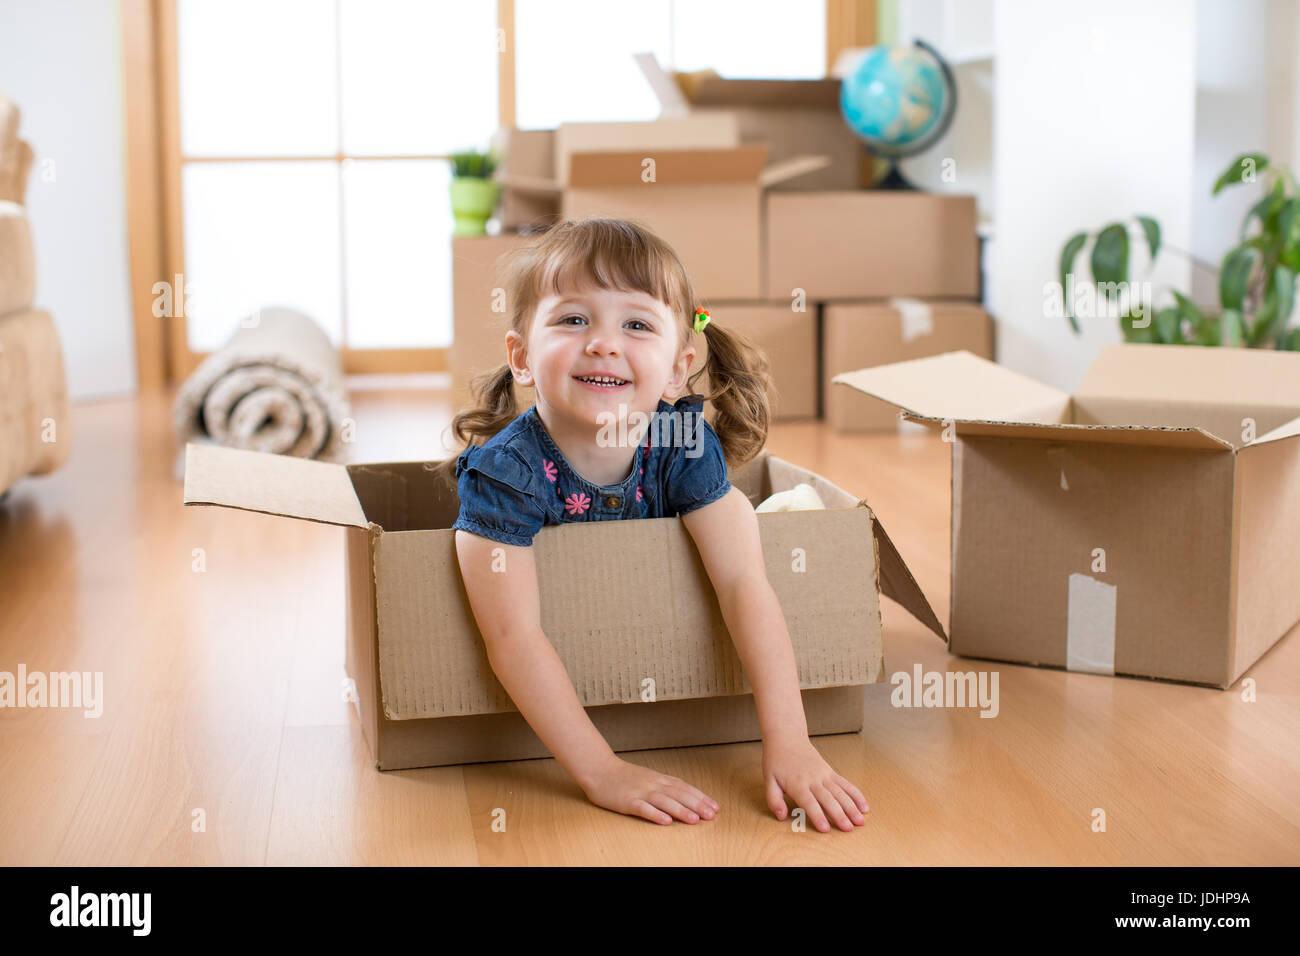 Appena spostato in una nuova casa. Bambino in scatola di cartone. Foto Stock